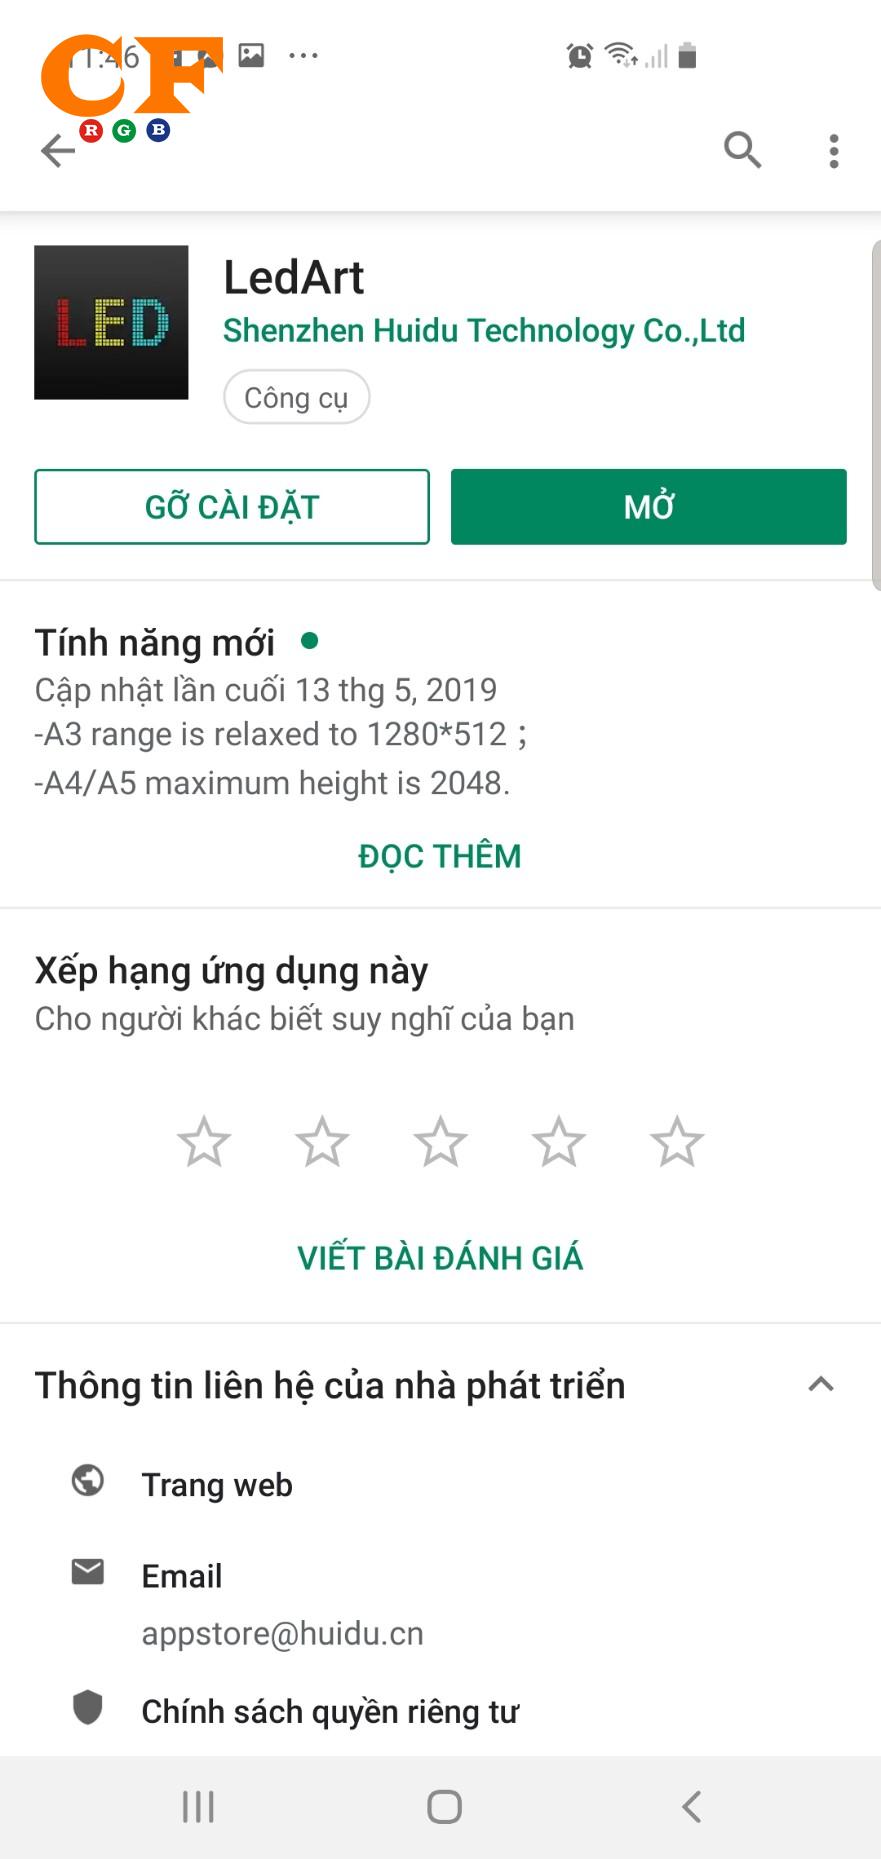 Hướng dẫn chạy biển quảng cáo led full color dùng điện thoại card hd - LEDCF Việt Nam